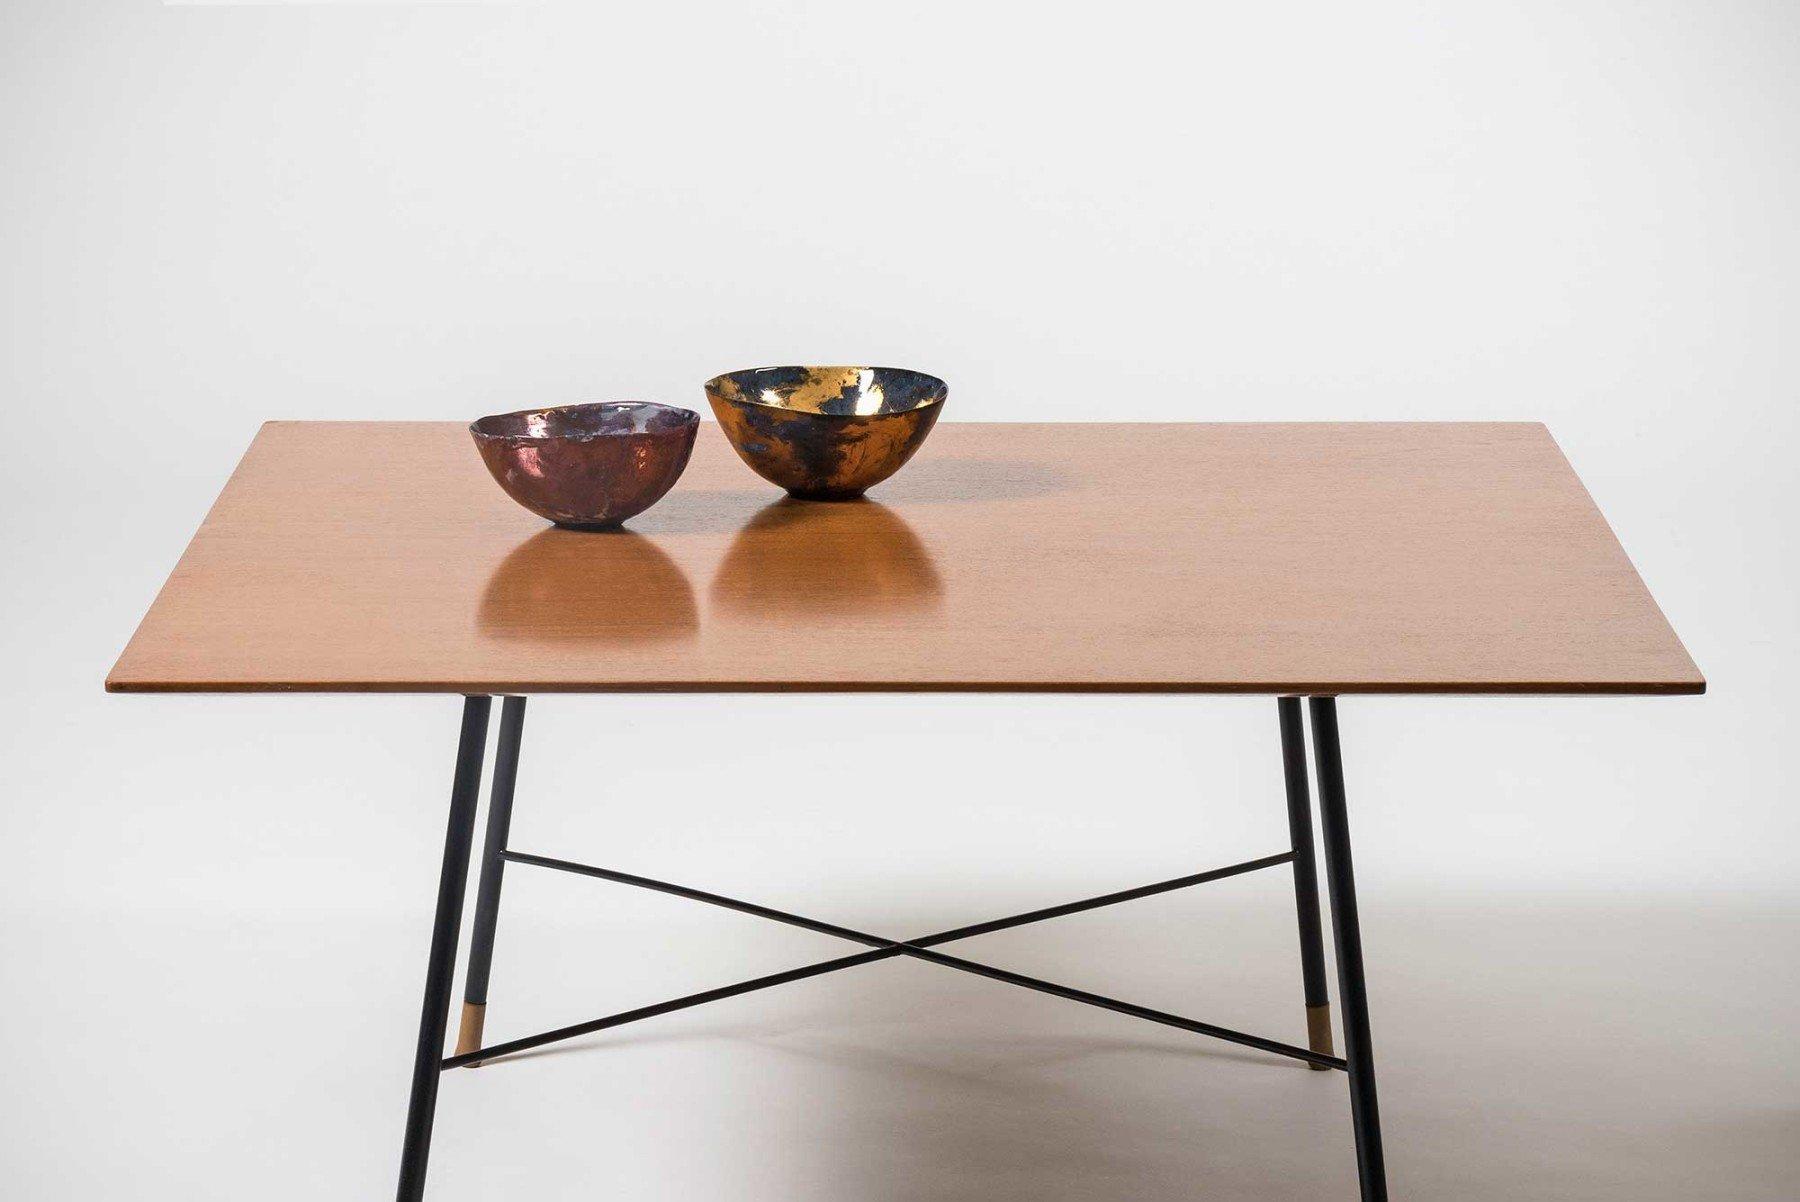 Fausto Melotti |                              Coppetta - bowl